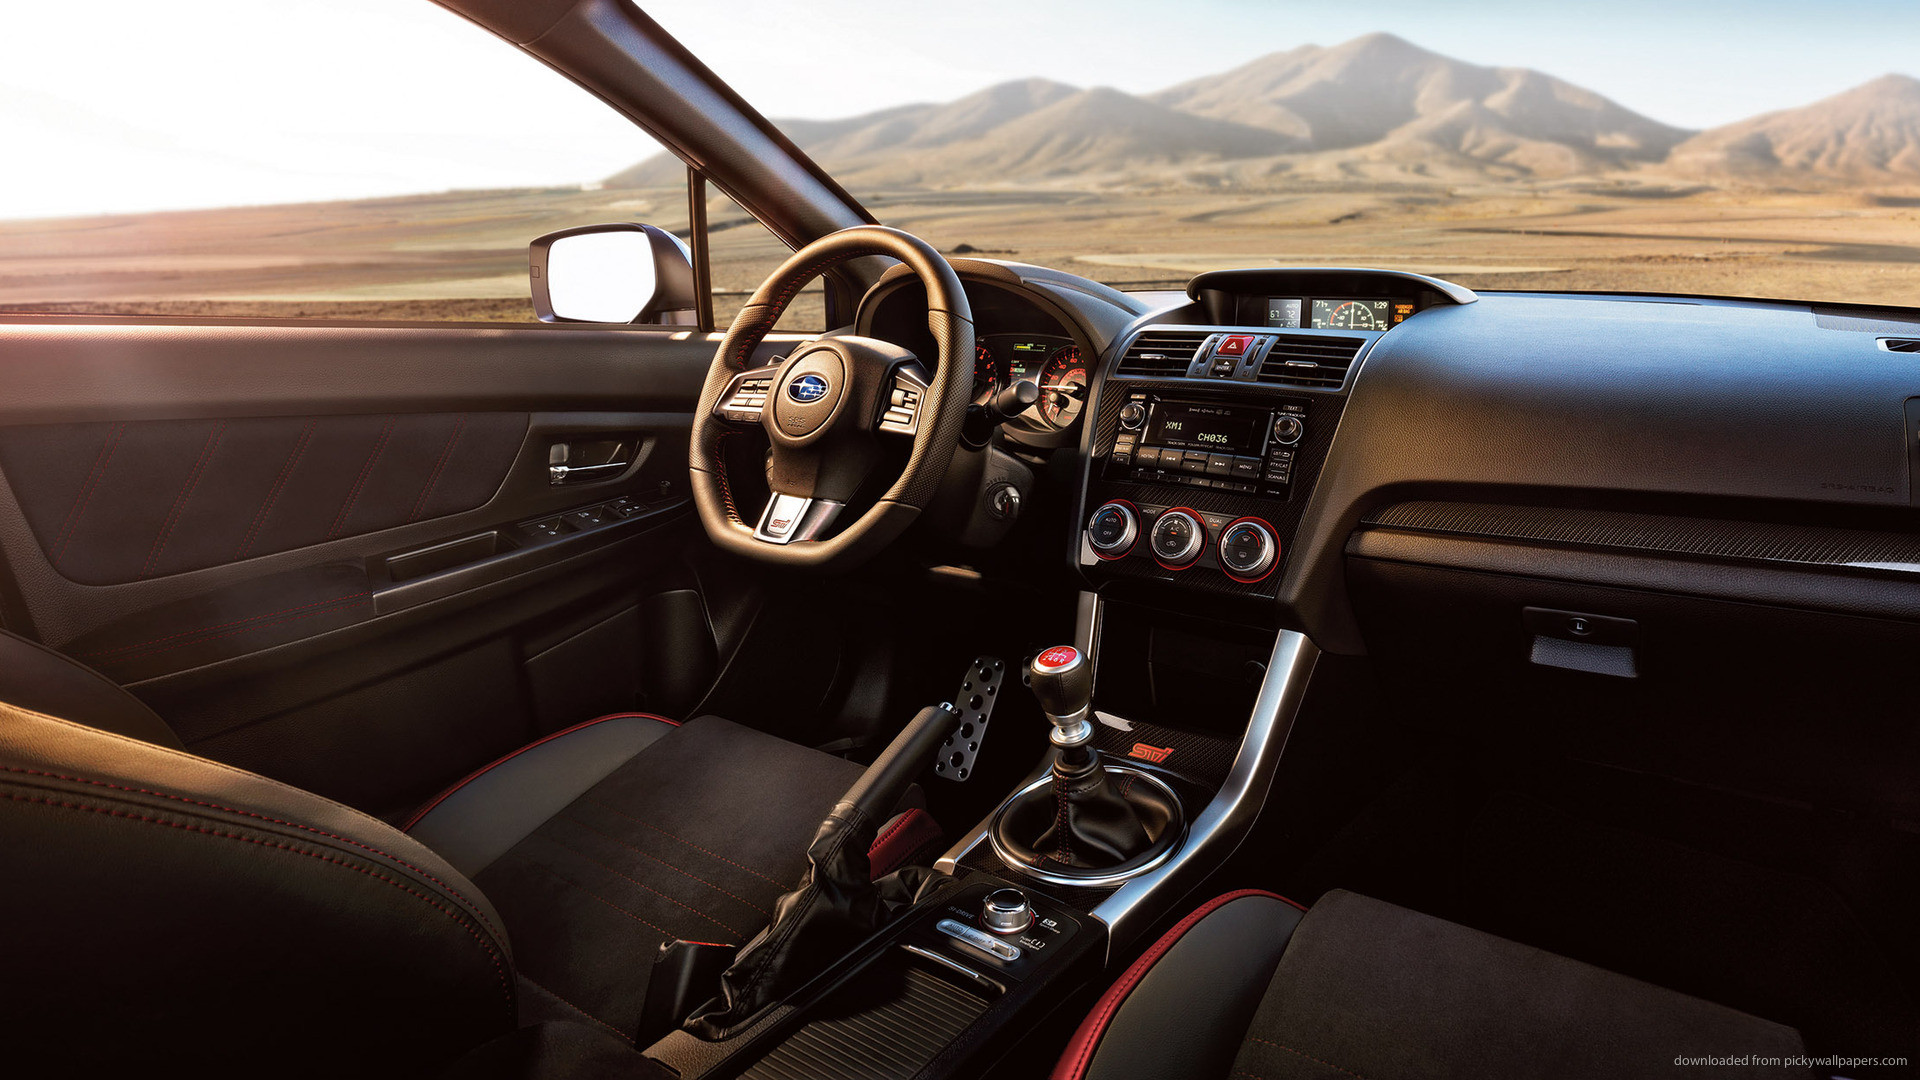 Subaru WRX STI Launch Edition Interior picture